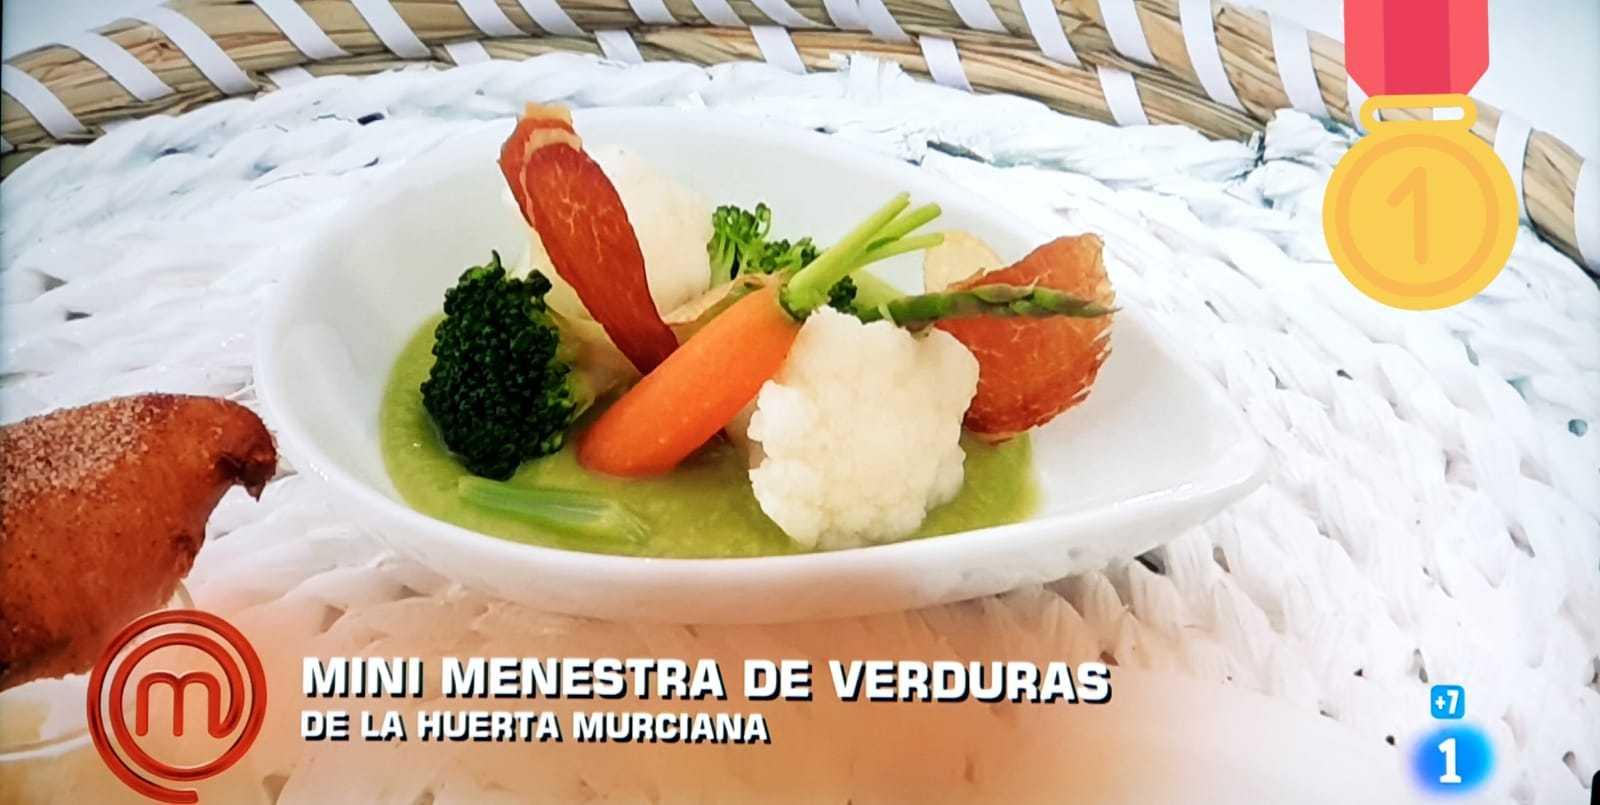 Proexport en 'Masterchef´ destaca el liderazgo hortofrutícola de la Región de Murcia en Europa